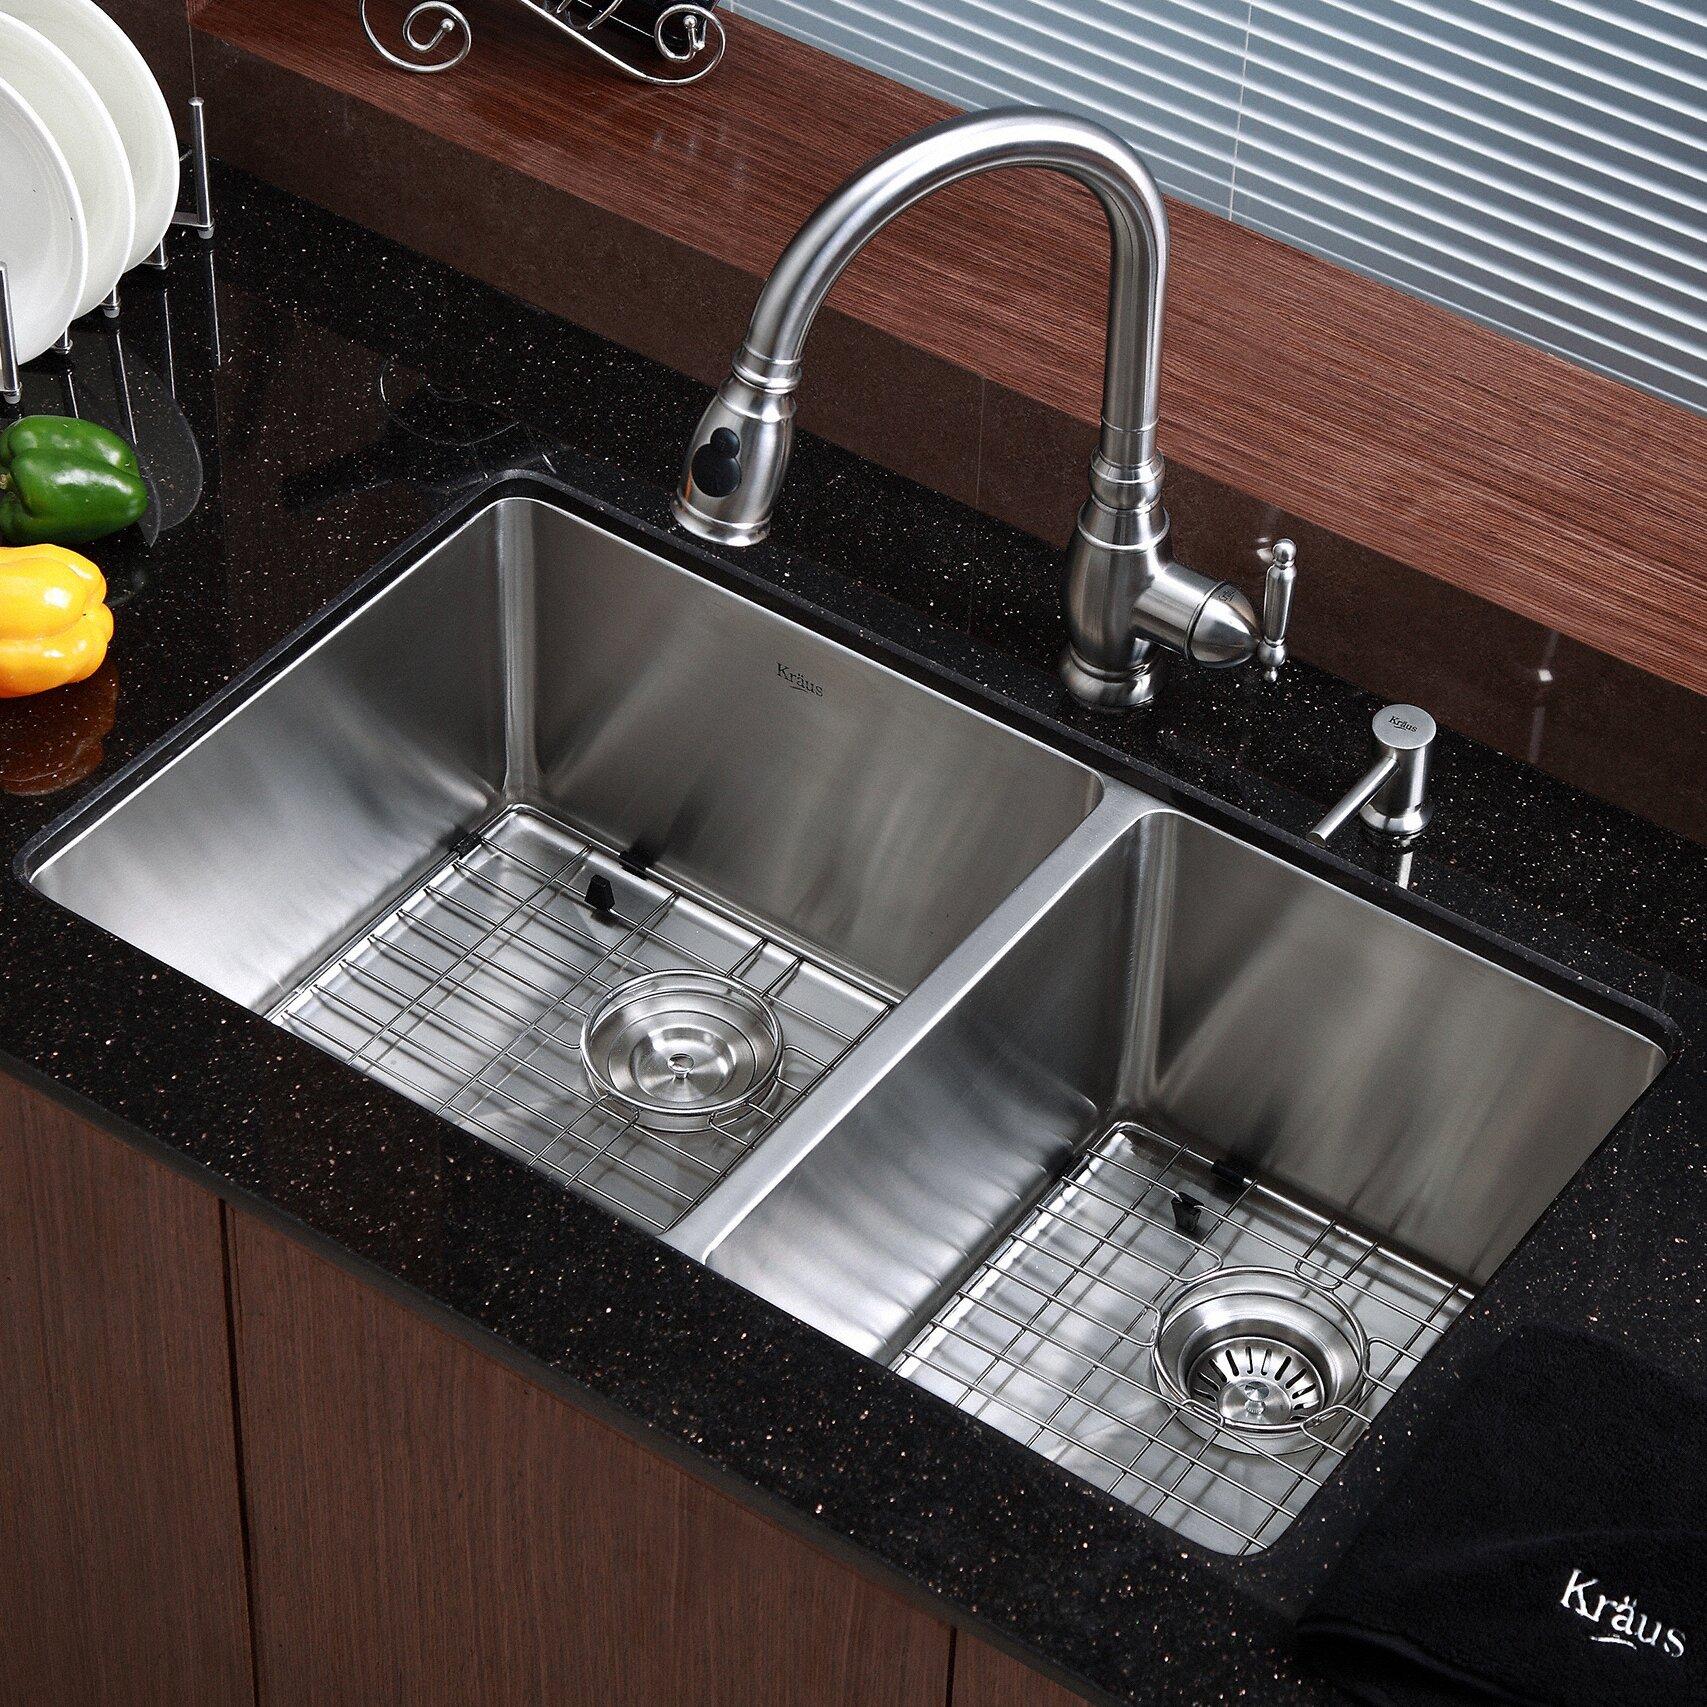 Kraus Kitchen Sink X 19 Double Bowl Undermount Kitchen Sink Reviews Wayfair